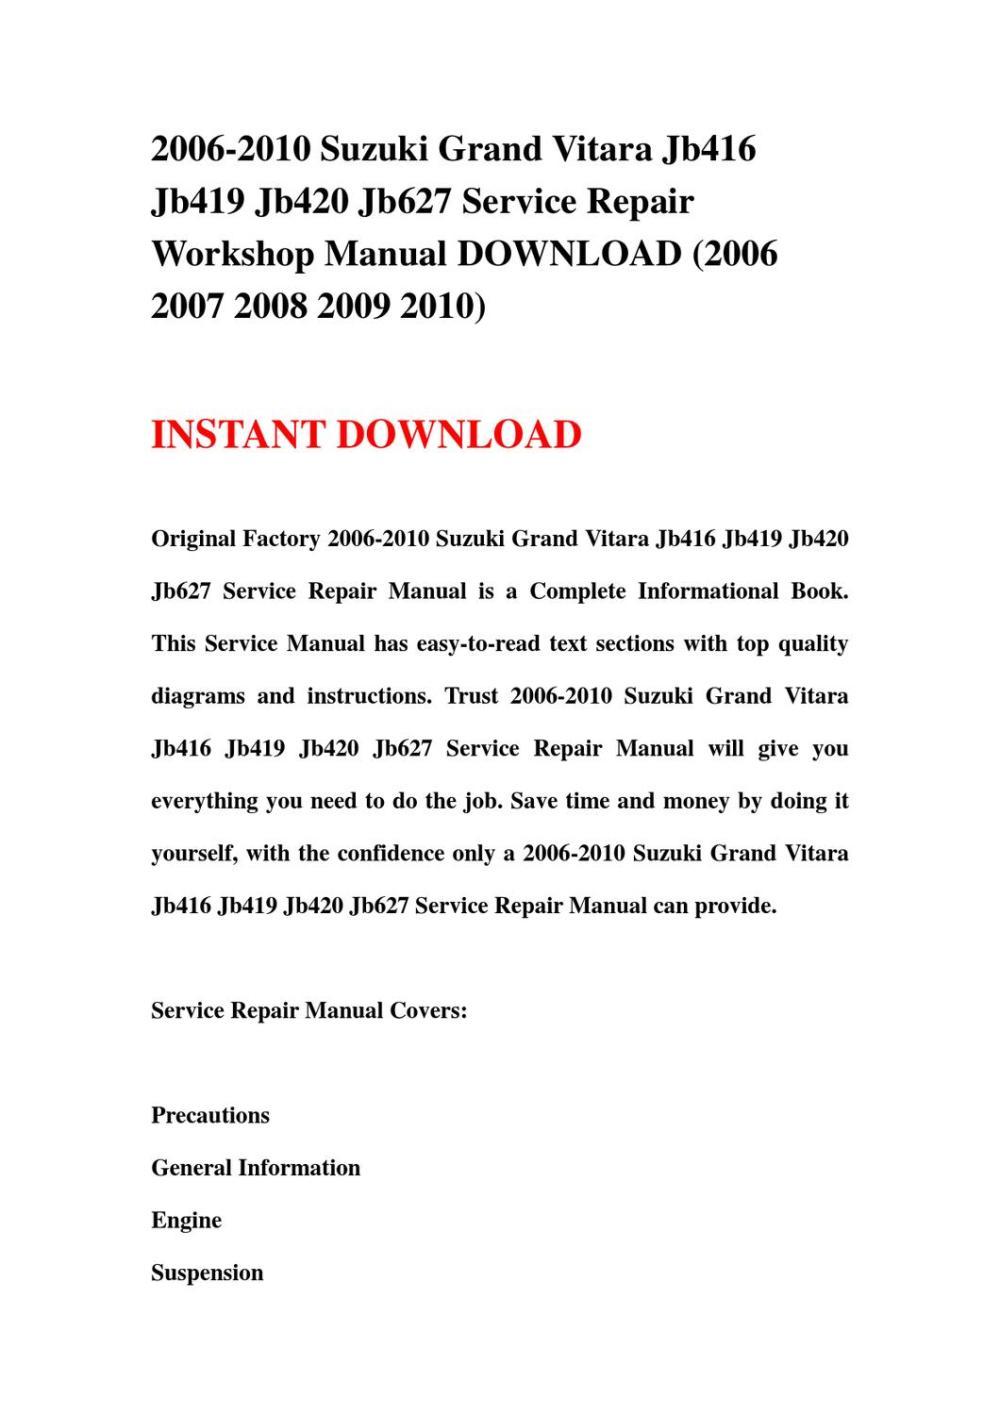 medium resolution of 2006 2010 suzuki grand vitara jb416 jb419 jb420 jb627 service repair workshop manual download 2006